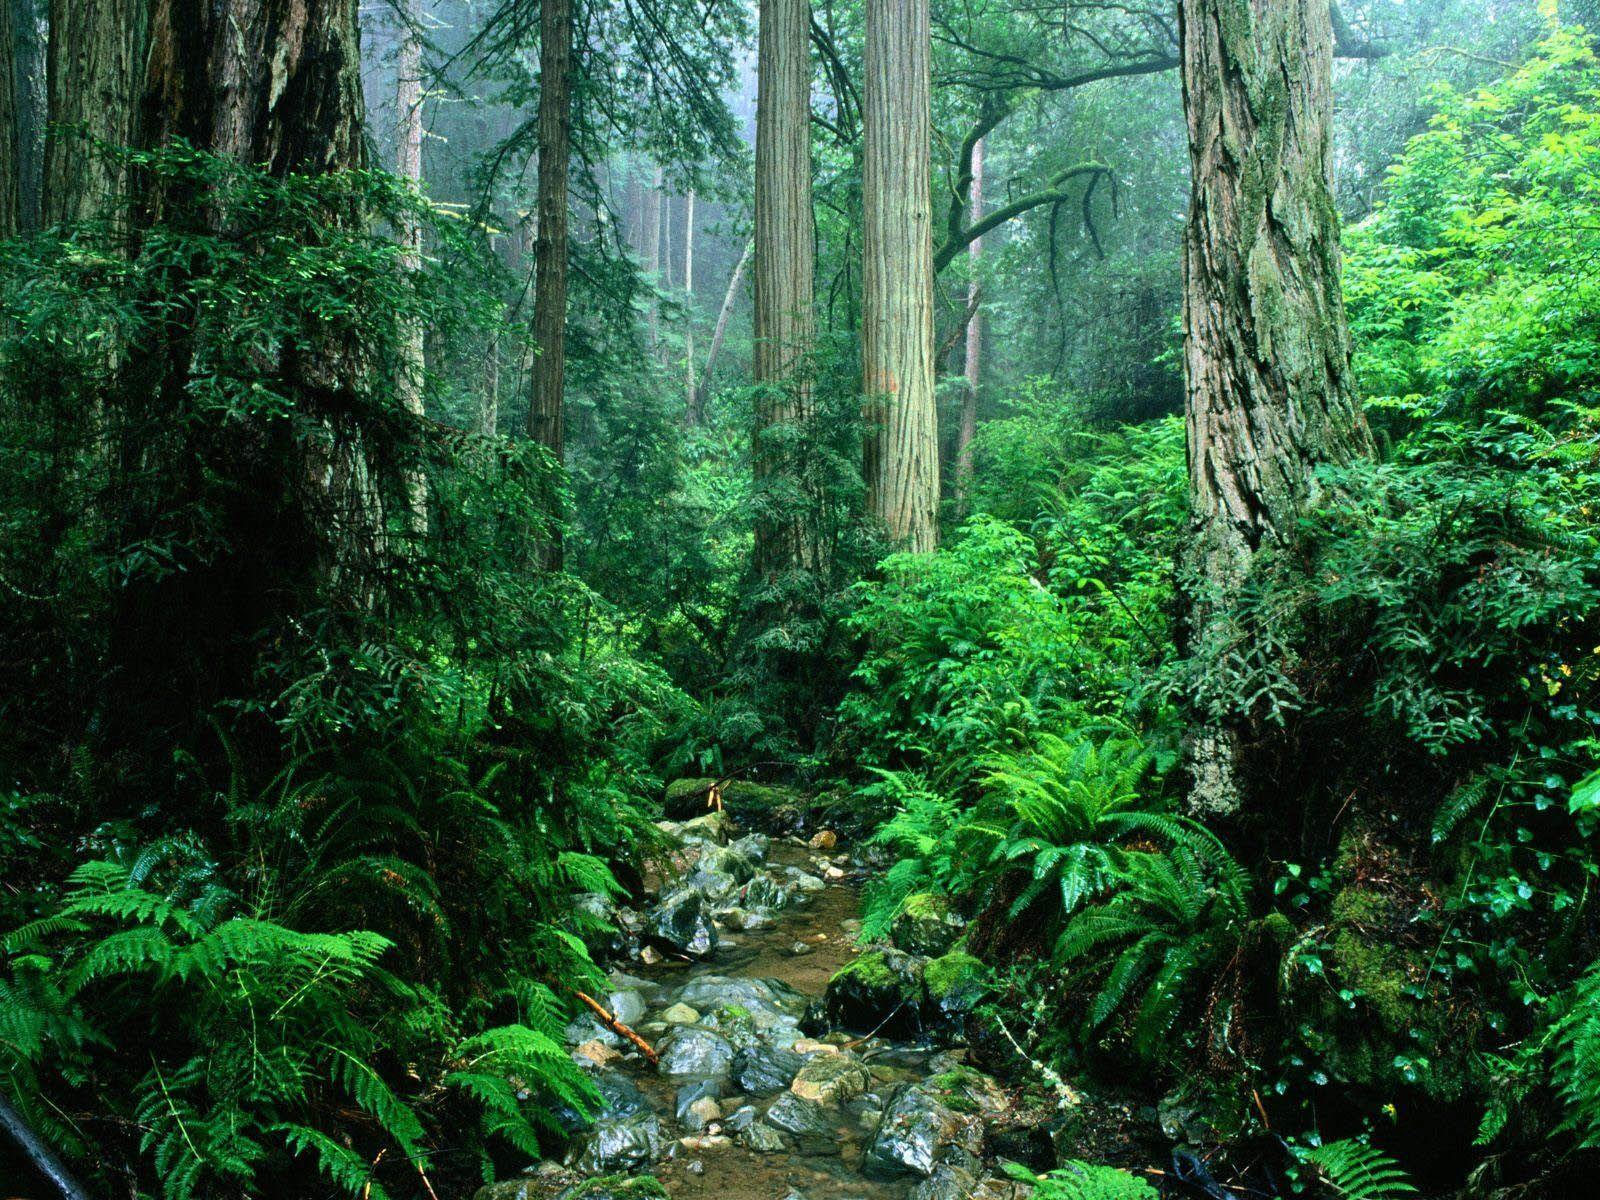 Pin On Amazon Rainforest